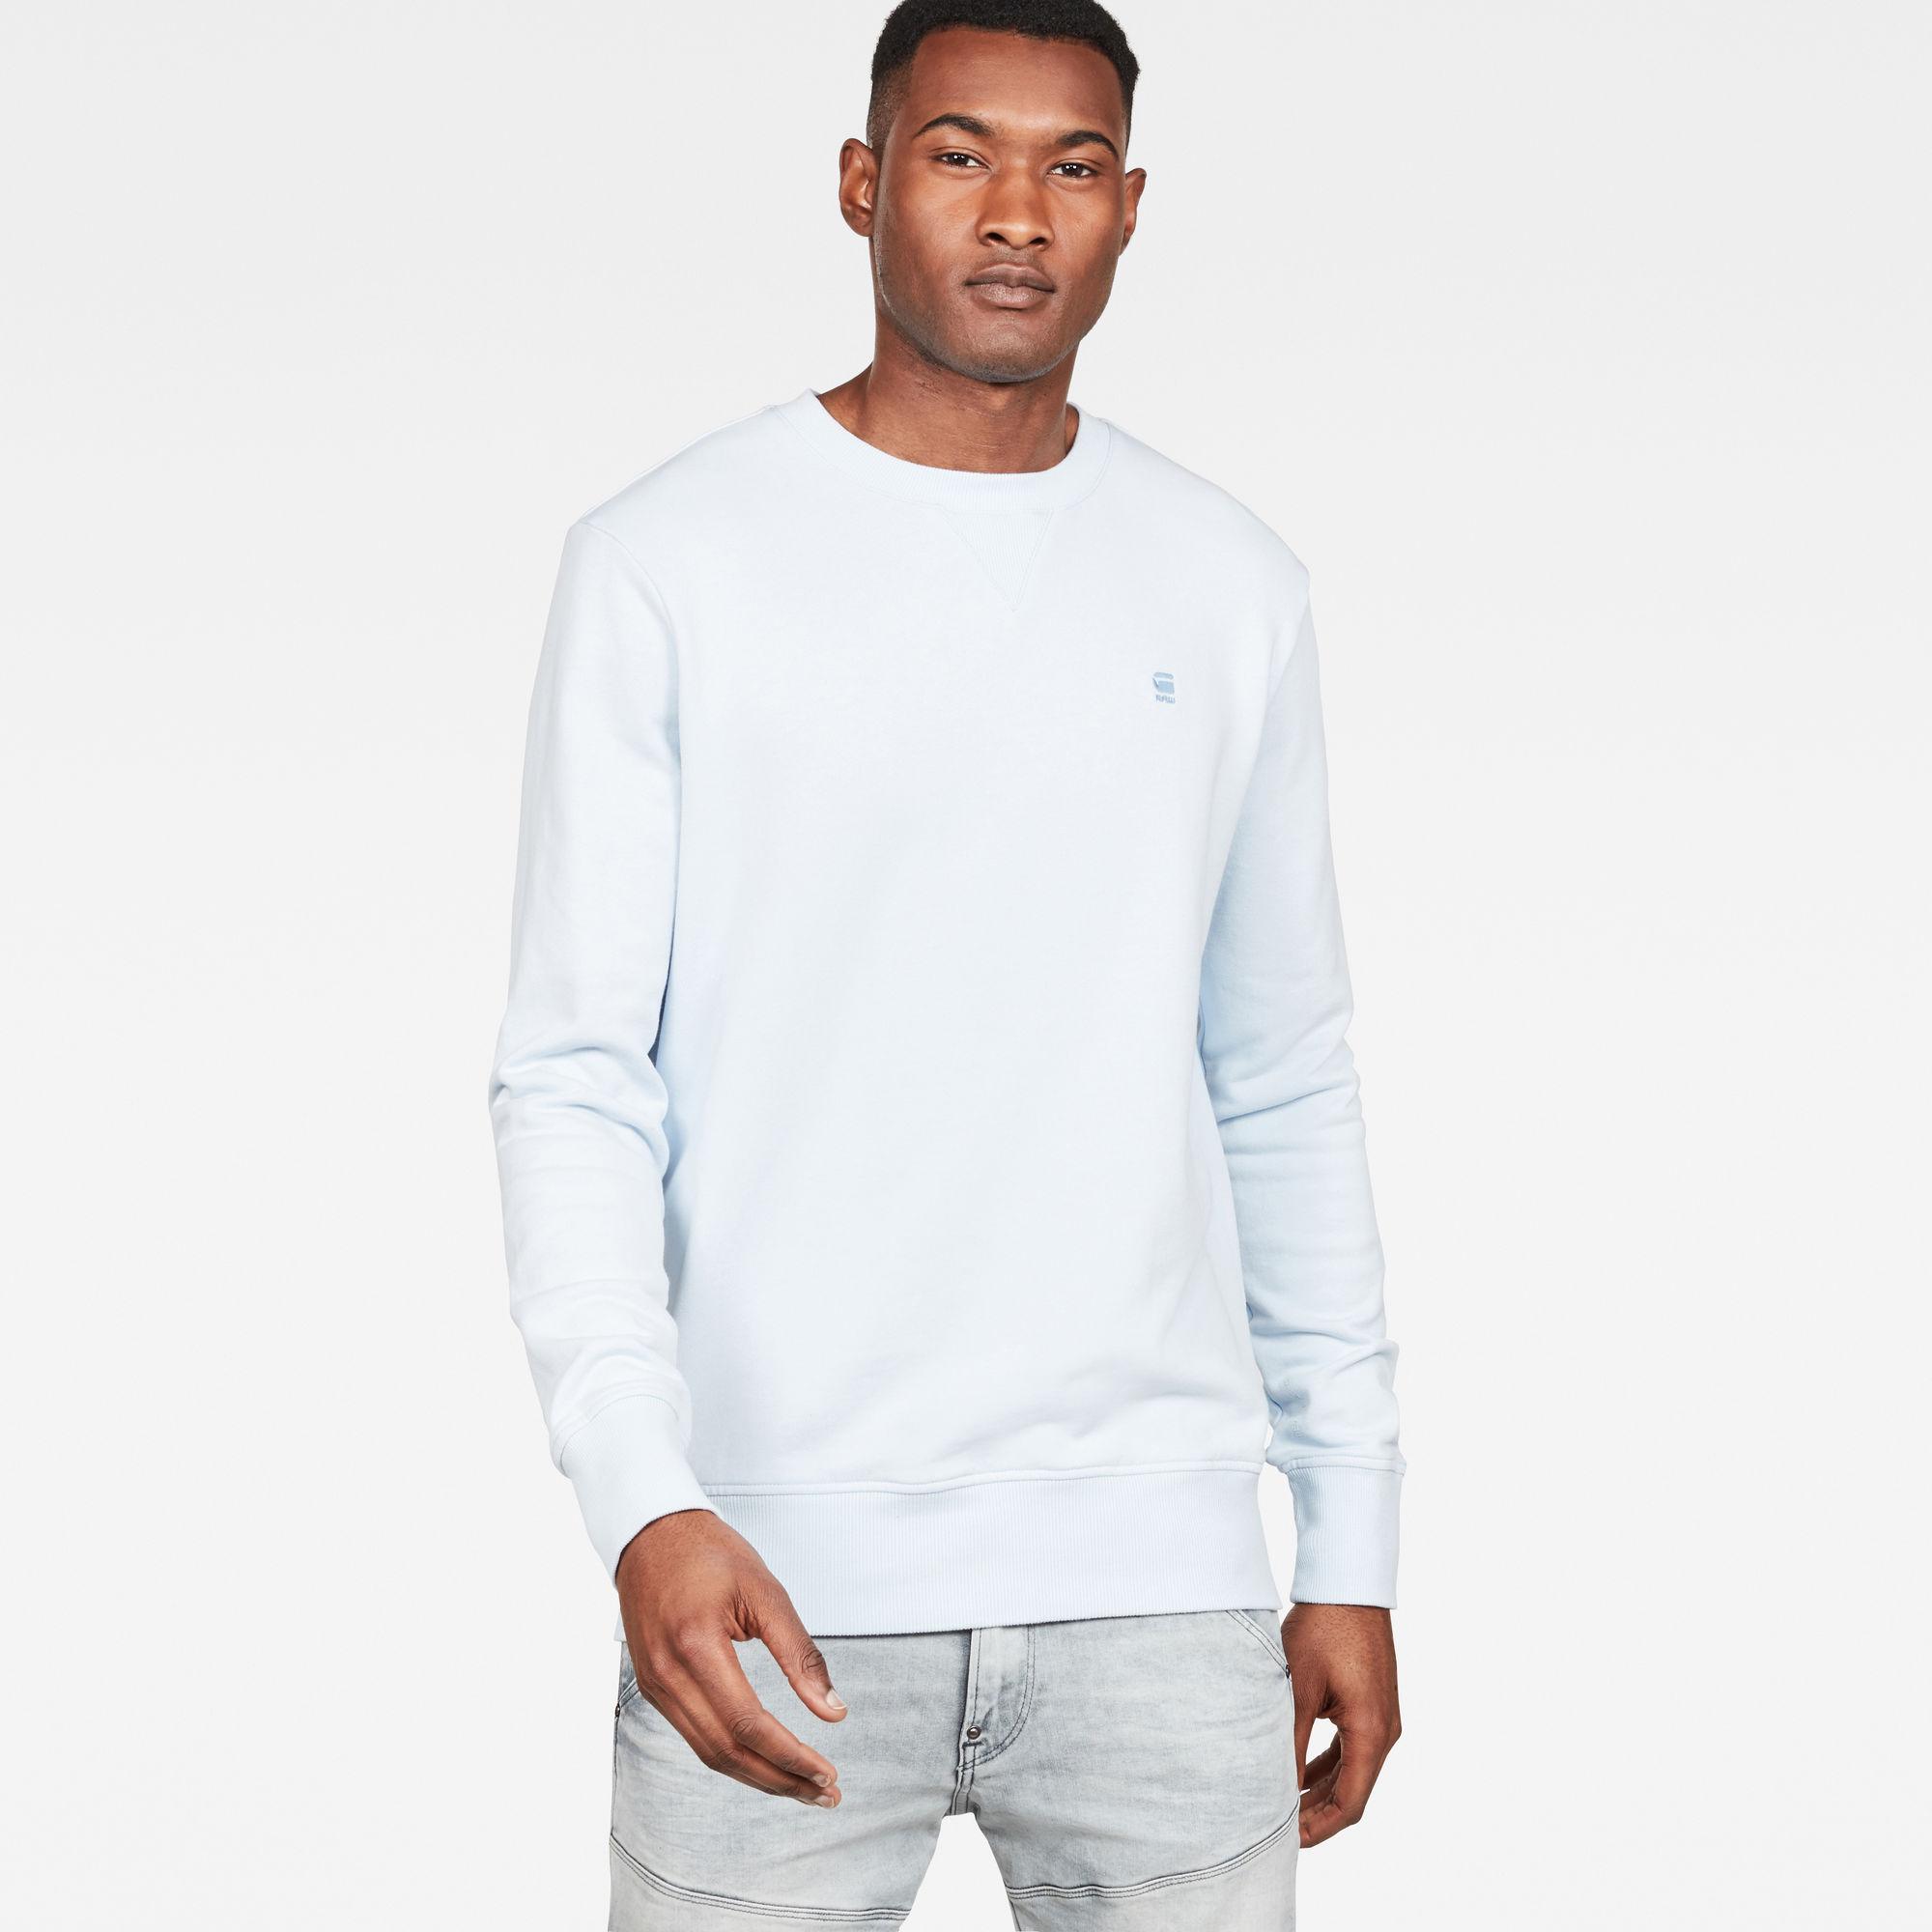 Van G Star Raw Core Sweater Prijsvergelijk nu!